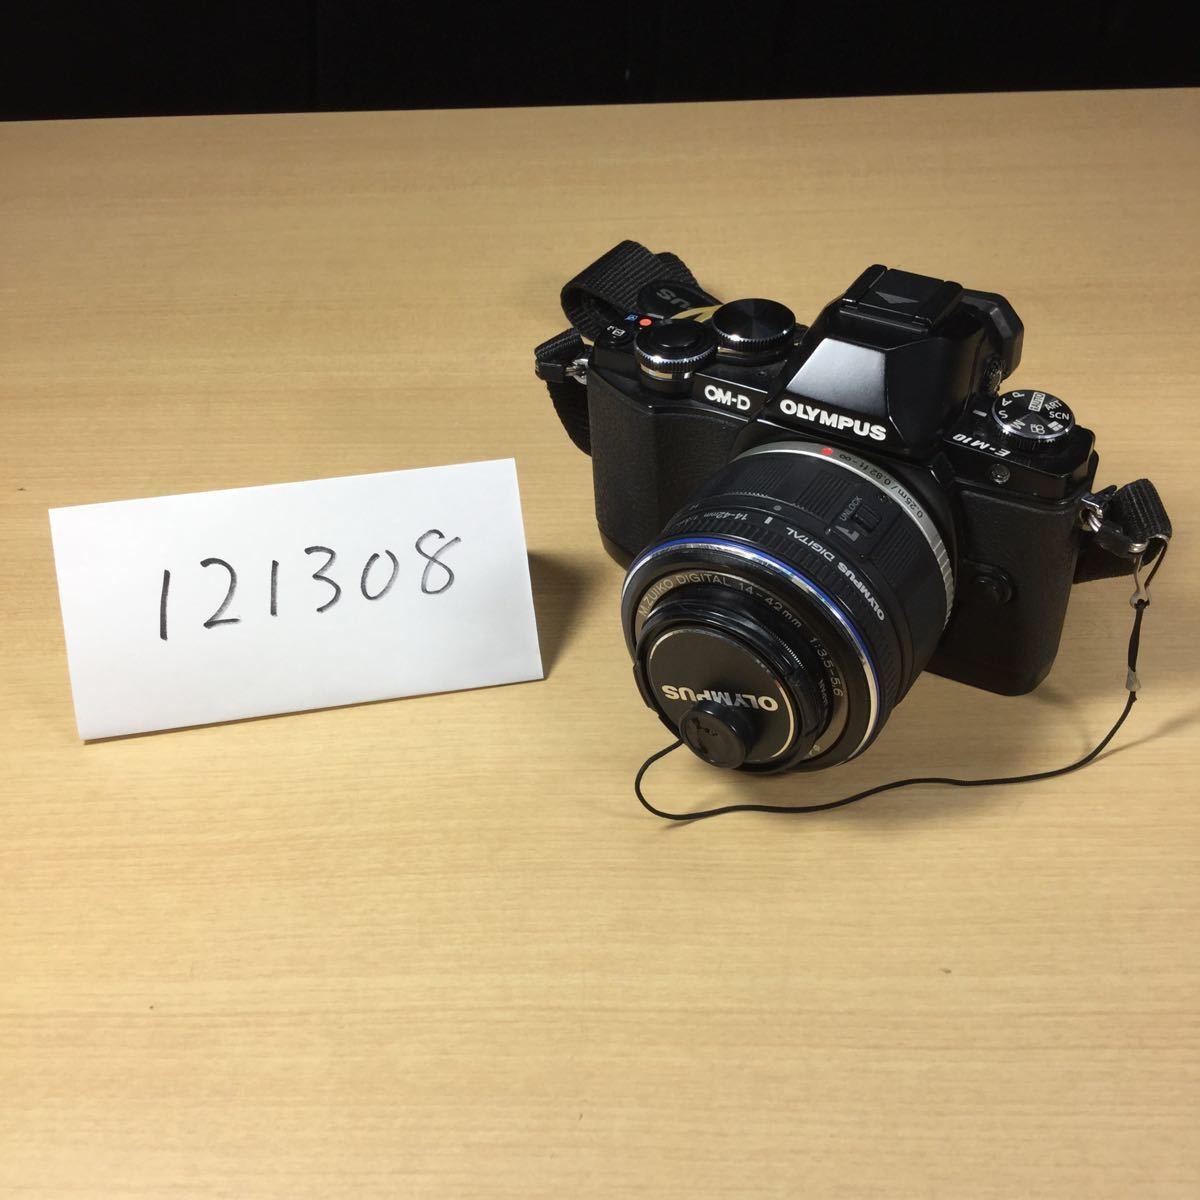 オリンパス ミラーレス一眼カメラ OLYMPUS OM-D E-M10 ジャンク品(121308)